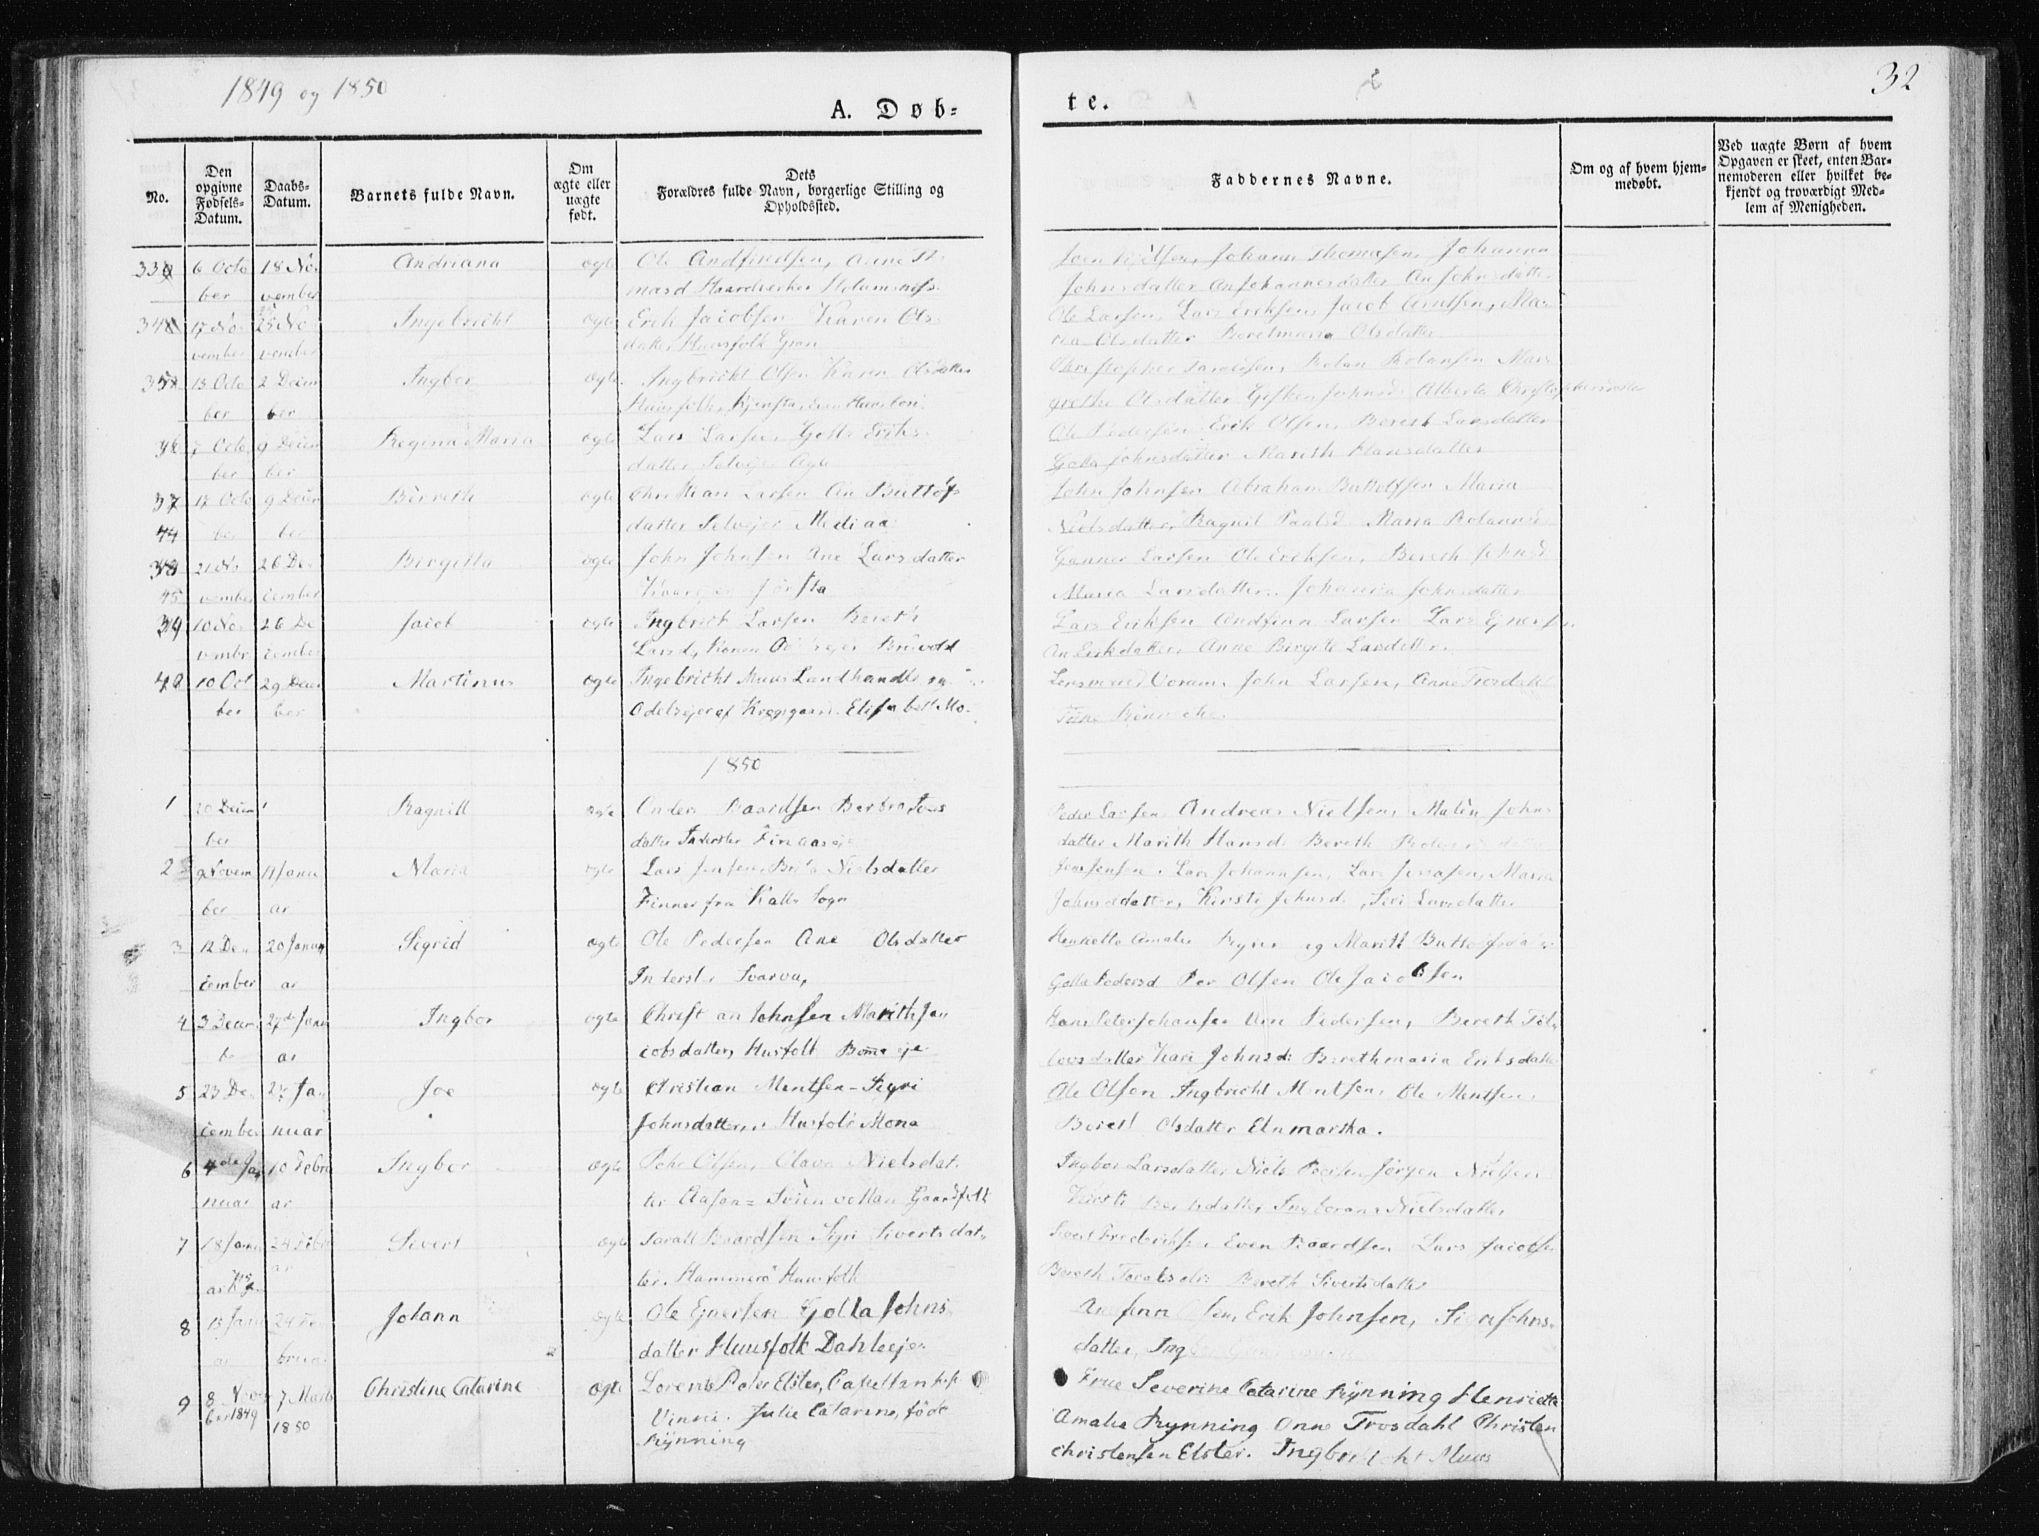 SAT, Ministerialprotokoller, klokkerbøker og fødselsregistre - Nord-Trøndelag, 749/L0470: Ministerialbok nr. 749A04, 1834-1853, s. 32